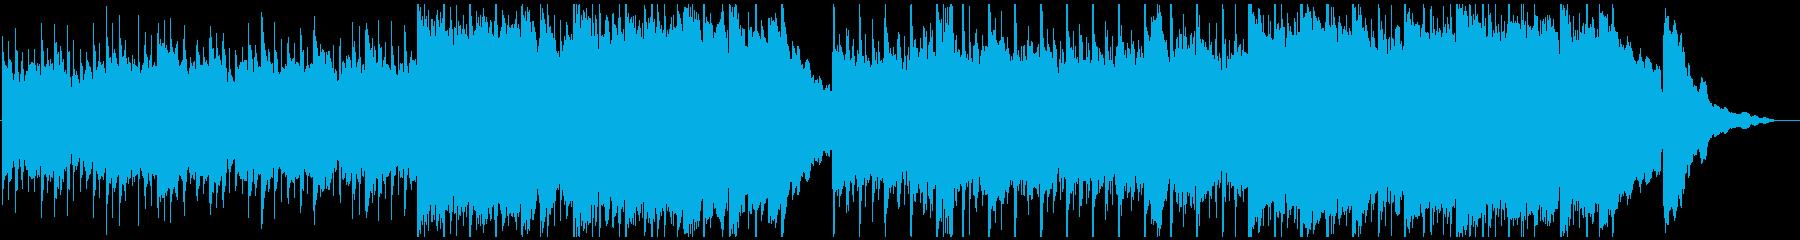 ポップ テクノ 現代的 交響曲 ラ...の再生済みの波形